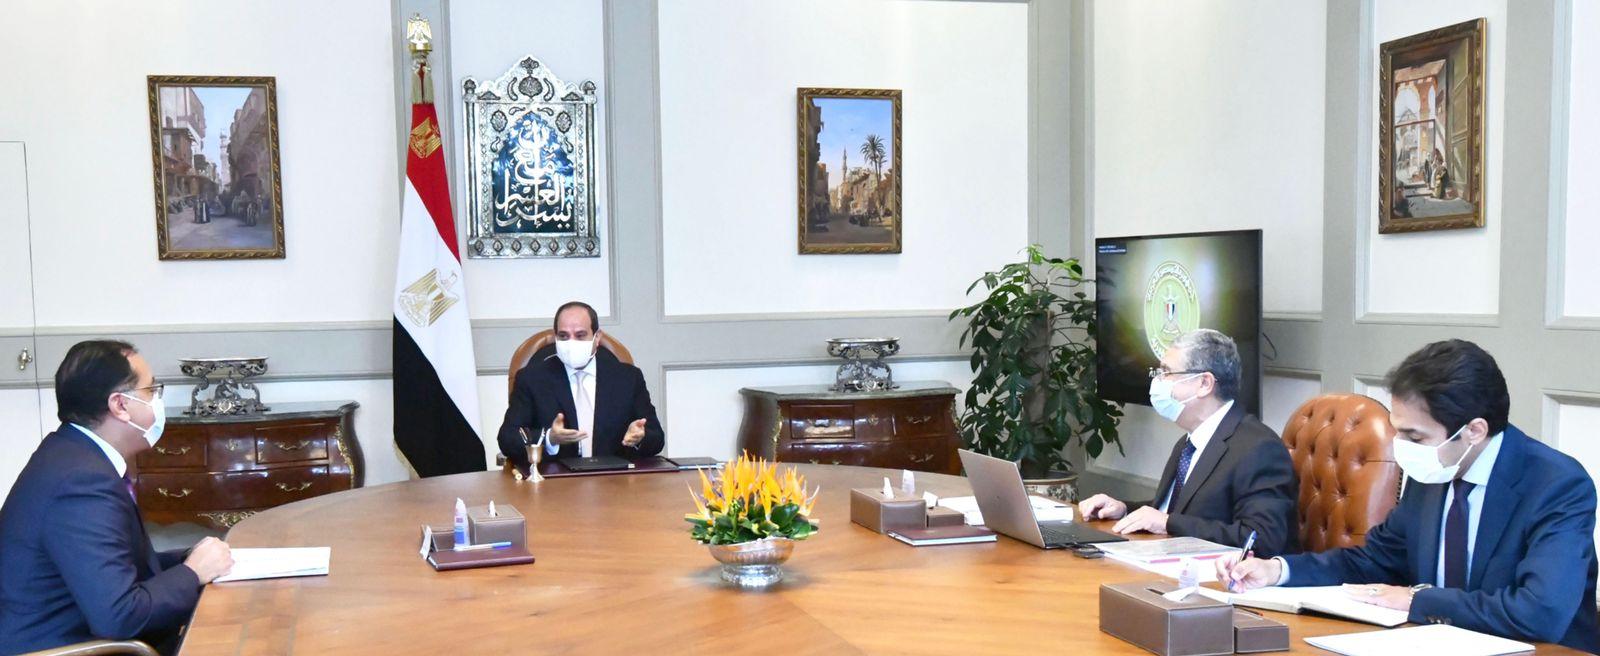 توجيهات الرئيس خلال اجتماع اليوم تأسيس البنية الكهربائية للمشروع العملاق  الدلتا الجديدة